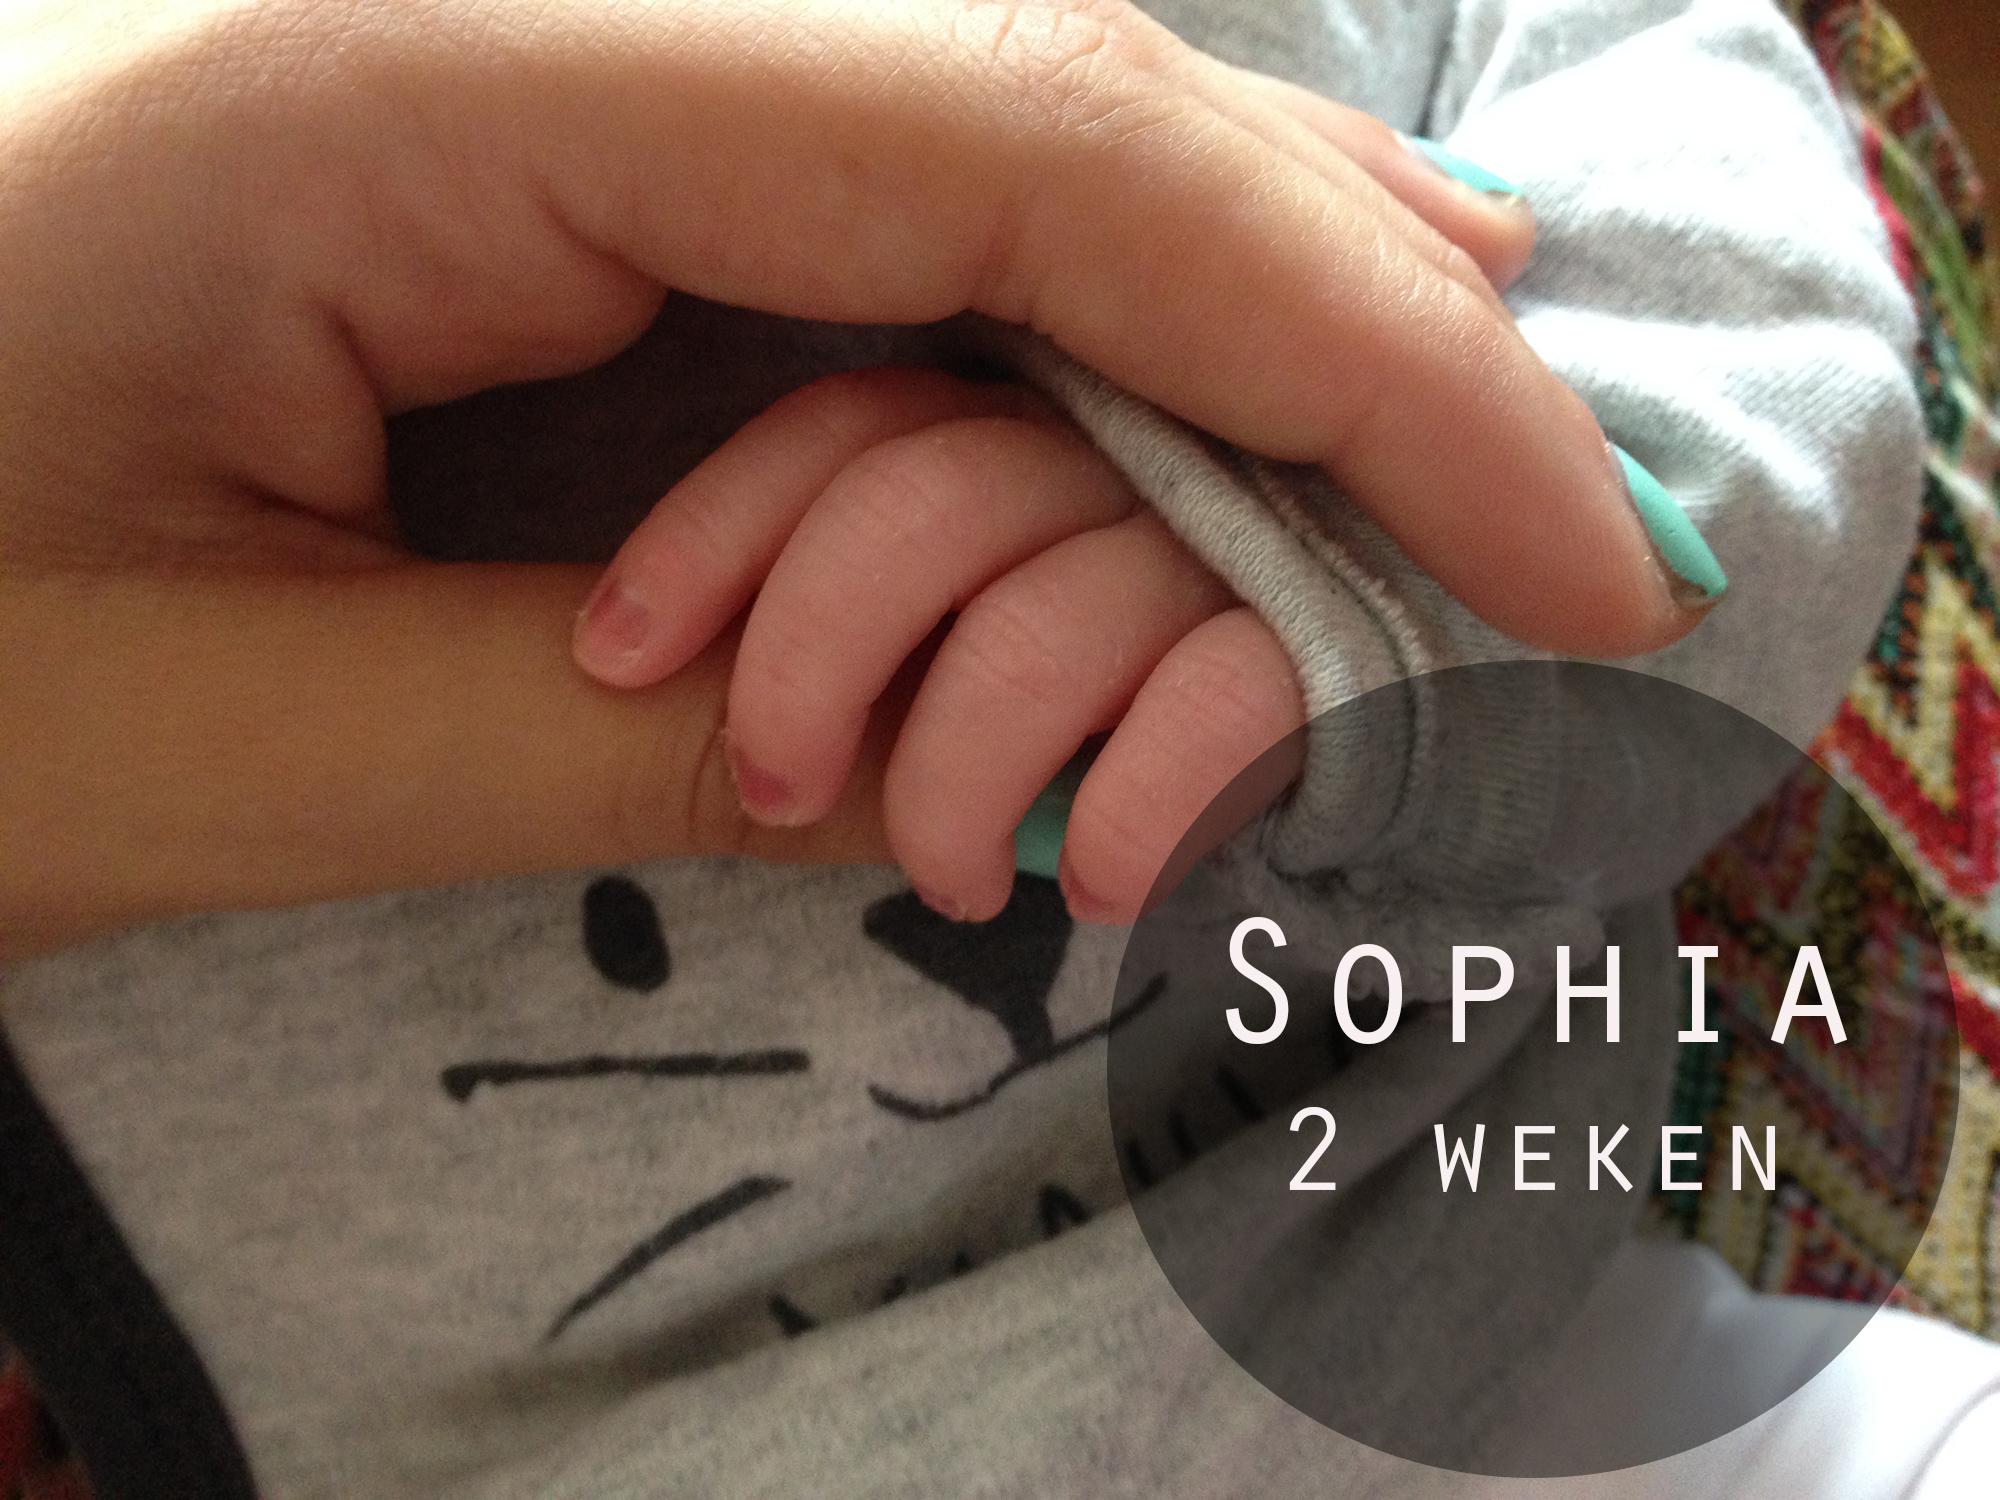 Sophia 2 weken! (persoonlijk)